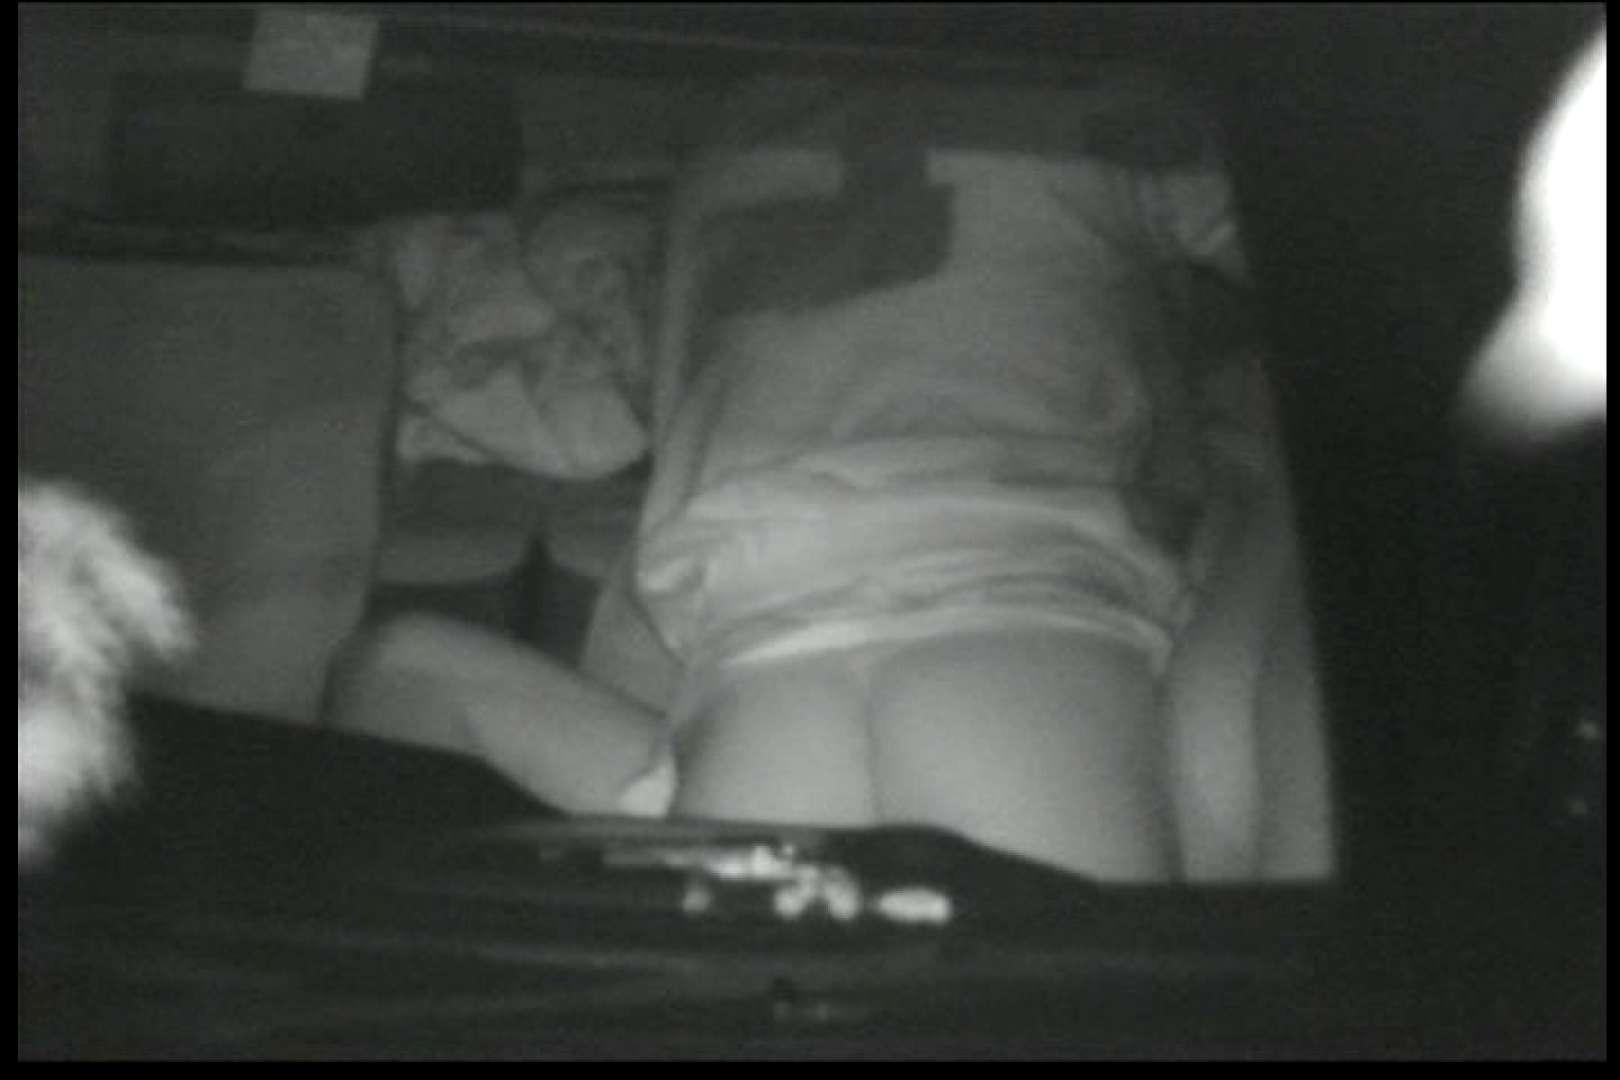 車の中はラブホテル 無修正版  Vol.12 ホテル隠し撮り すけべAV動画紹介 87pic 45